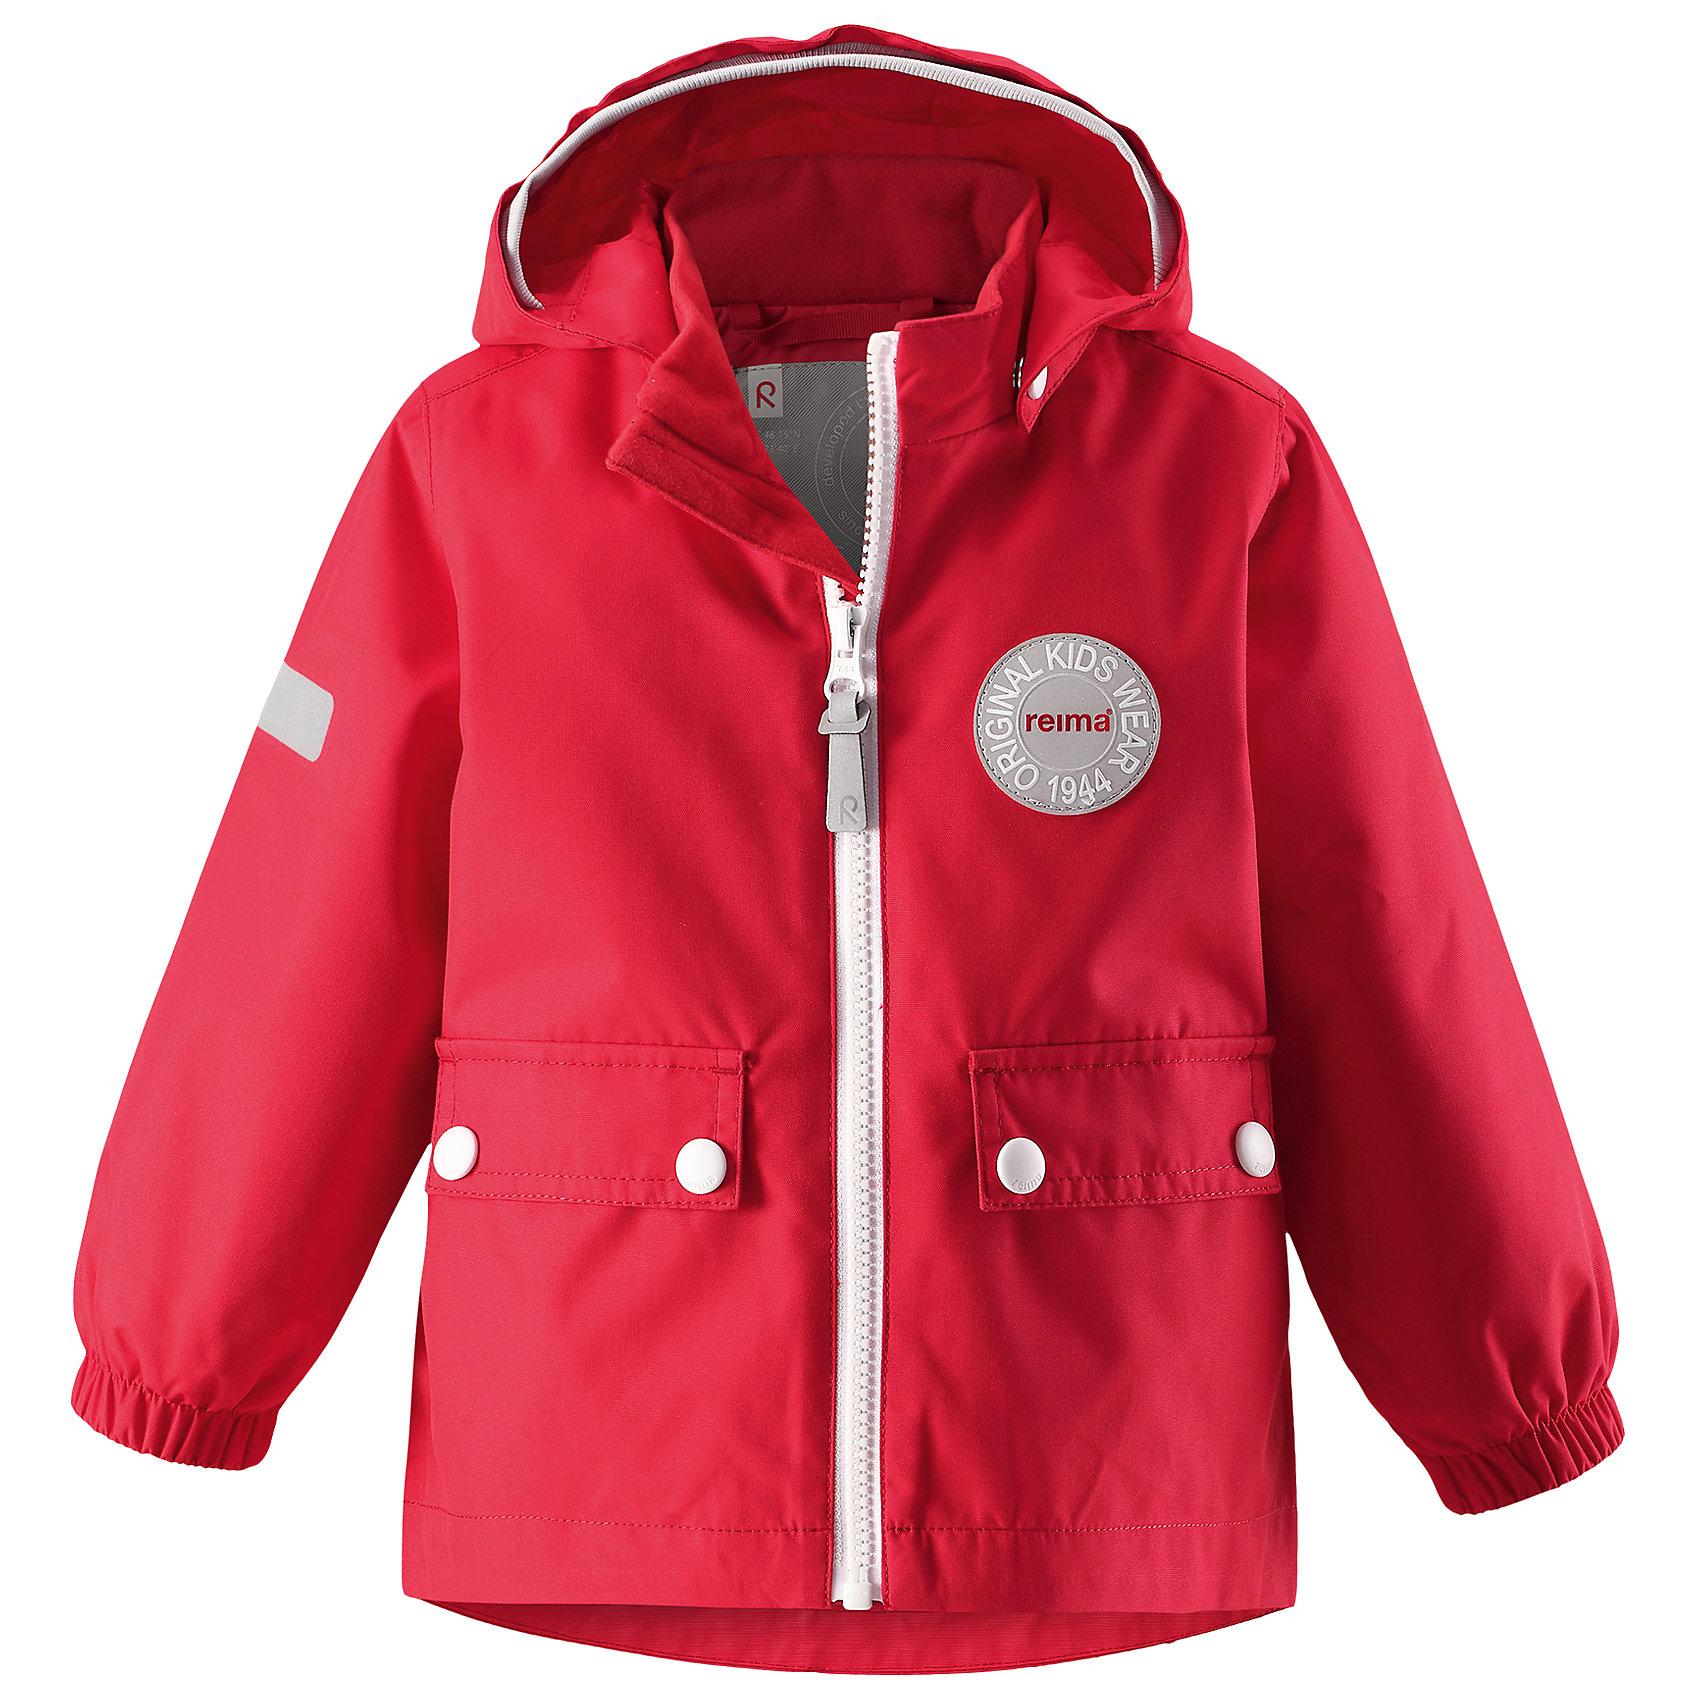 Куртка Quilt для девочки Reimatec® ReimaХарактеристики товара:<br><br>• цвет: красный<br>• состав: 100% полиэстер, полиуретановое покрытие<br>• температурный режим: от +5°до +15°С<br>• водонепроницаемость: 8000 мм<br>• воздухопроницаемость: 5000 мм<br>• износостойкость: 30000 циклов (тест Мартиндейла)<br>• без утеплителя<br>• швы проклеены, водонепроницаемы<br>• водо- и ветронепроницаемый, дышащий, грязеотталкивающий материал<br>• безопасный съёмный капюшон<br>• эластичные манжеты<br>• грязеотталкивающий материал<br>• два кармана с клапанами<br>• светоотражающие детали<br>• мягкая резинка на кромке капюшона<br>• комфортная посадка<br>• страна производства: Китай<br>• страна бренда: Финляндия<br>• коллекция: весна-лето 2017<br><br>Верхняя одежда для детей может быть модной и комфортной одновременно! Демисезонная куртка поможет обеспечить ребенку комфорт и тепло. Она отлично смотрится с различной одеждой и обувью. Изделие удобно сидит и модно выглядит. Материал - прочный, хорошо подходящий для межсезонья, водо- и ветронепроницаемый, «дышащий». Стильный дизайн разрабатывался специально для детей.<br><br>Одежда и обувь от финского бренда Reima пользуется популярностью во многих странах. Эти изделия стильные, качественные и удобные. Для производства продукции используются только безопасные, проверенные материалы и фурнитура. Порадуйте ребенка модными и красивыми вещами от Reima! <br><br>Куртку для мальчика Reimatec® от финского бренда Reima (Рейма) можно купить в нашем интернет-магазине.<br><br>Ширина мм: 356<br>Глубина мм: 10<br>Высота мм: 245<br>Вес г: 519<br>Цвет: красный<br>Возраст от месяцев: 6<br>Возраст до месяцев: 9<br>Пол: Женский<br>Возраст: Детский<br>Размер: 74,92,98,86,80<br>SKU: 5265580